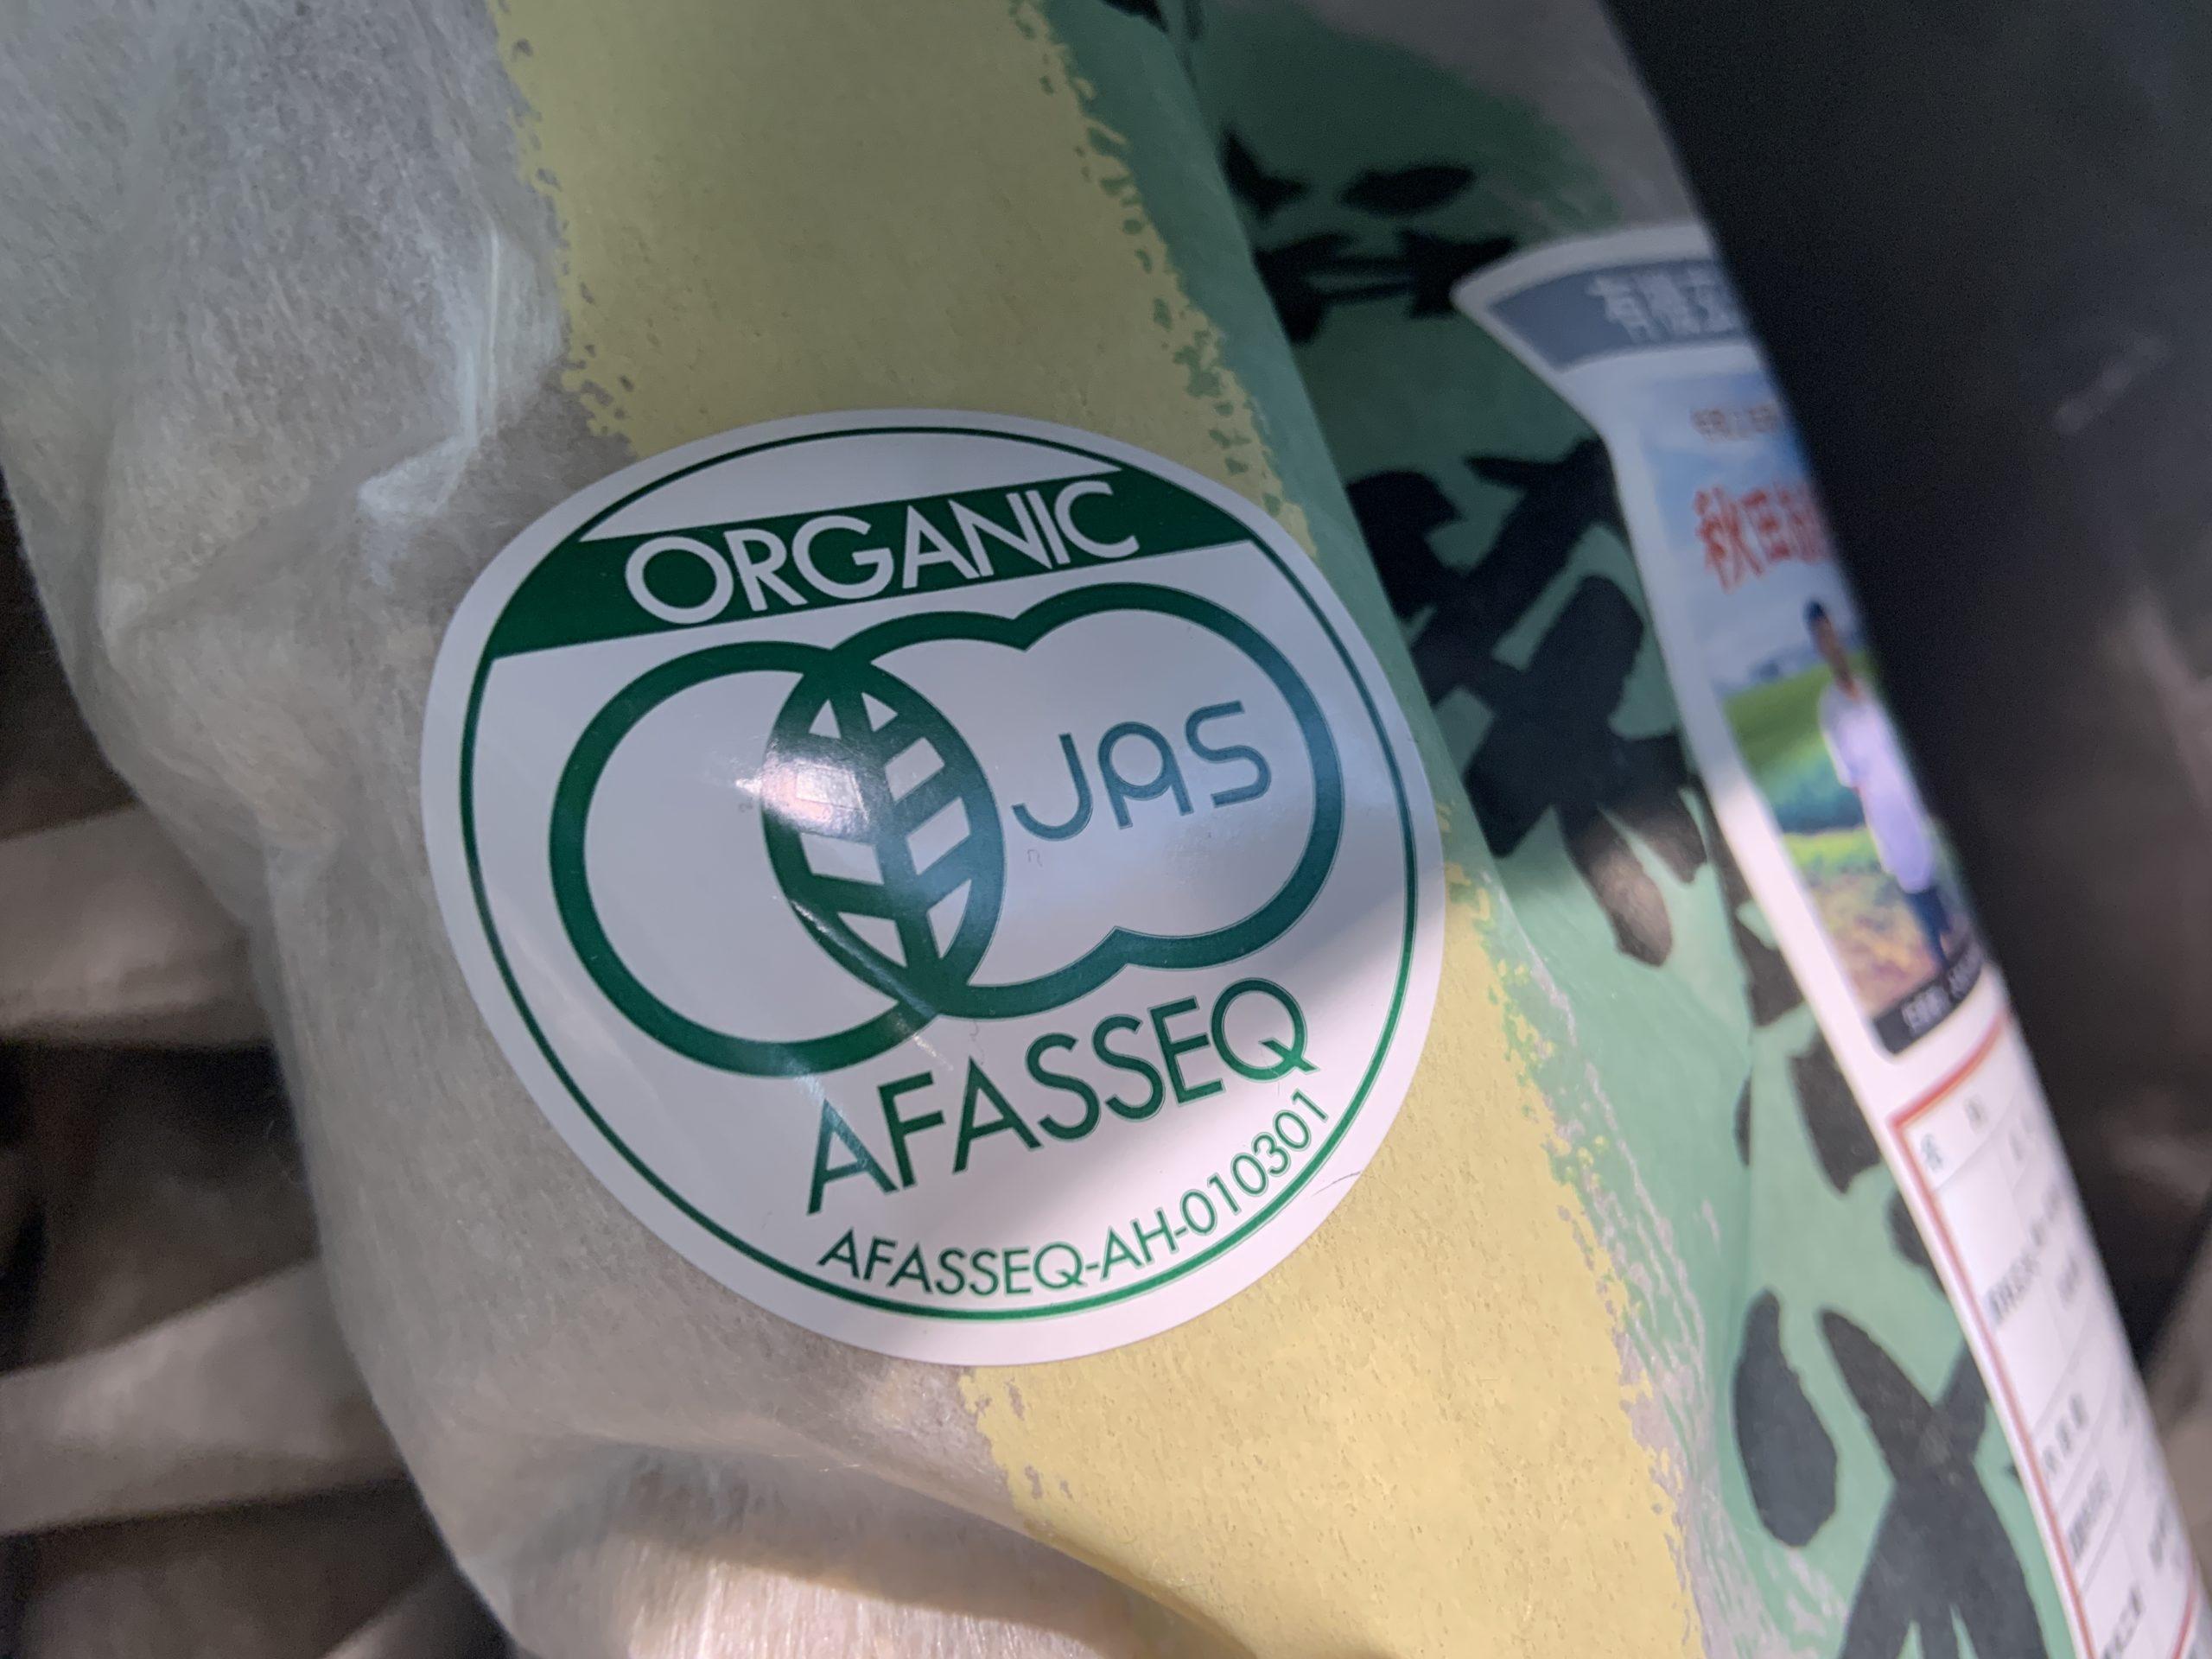 日本「有機JAS」のついた商品